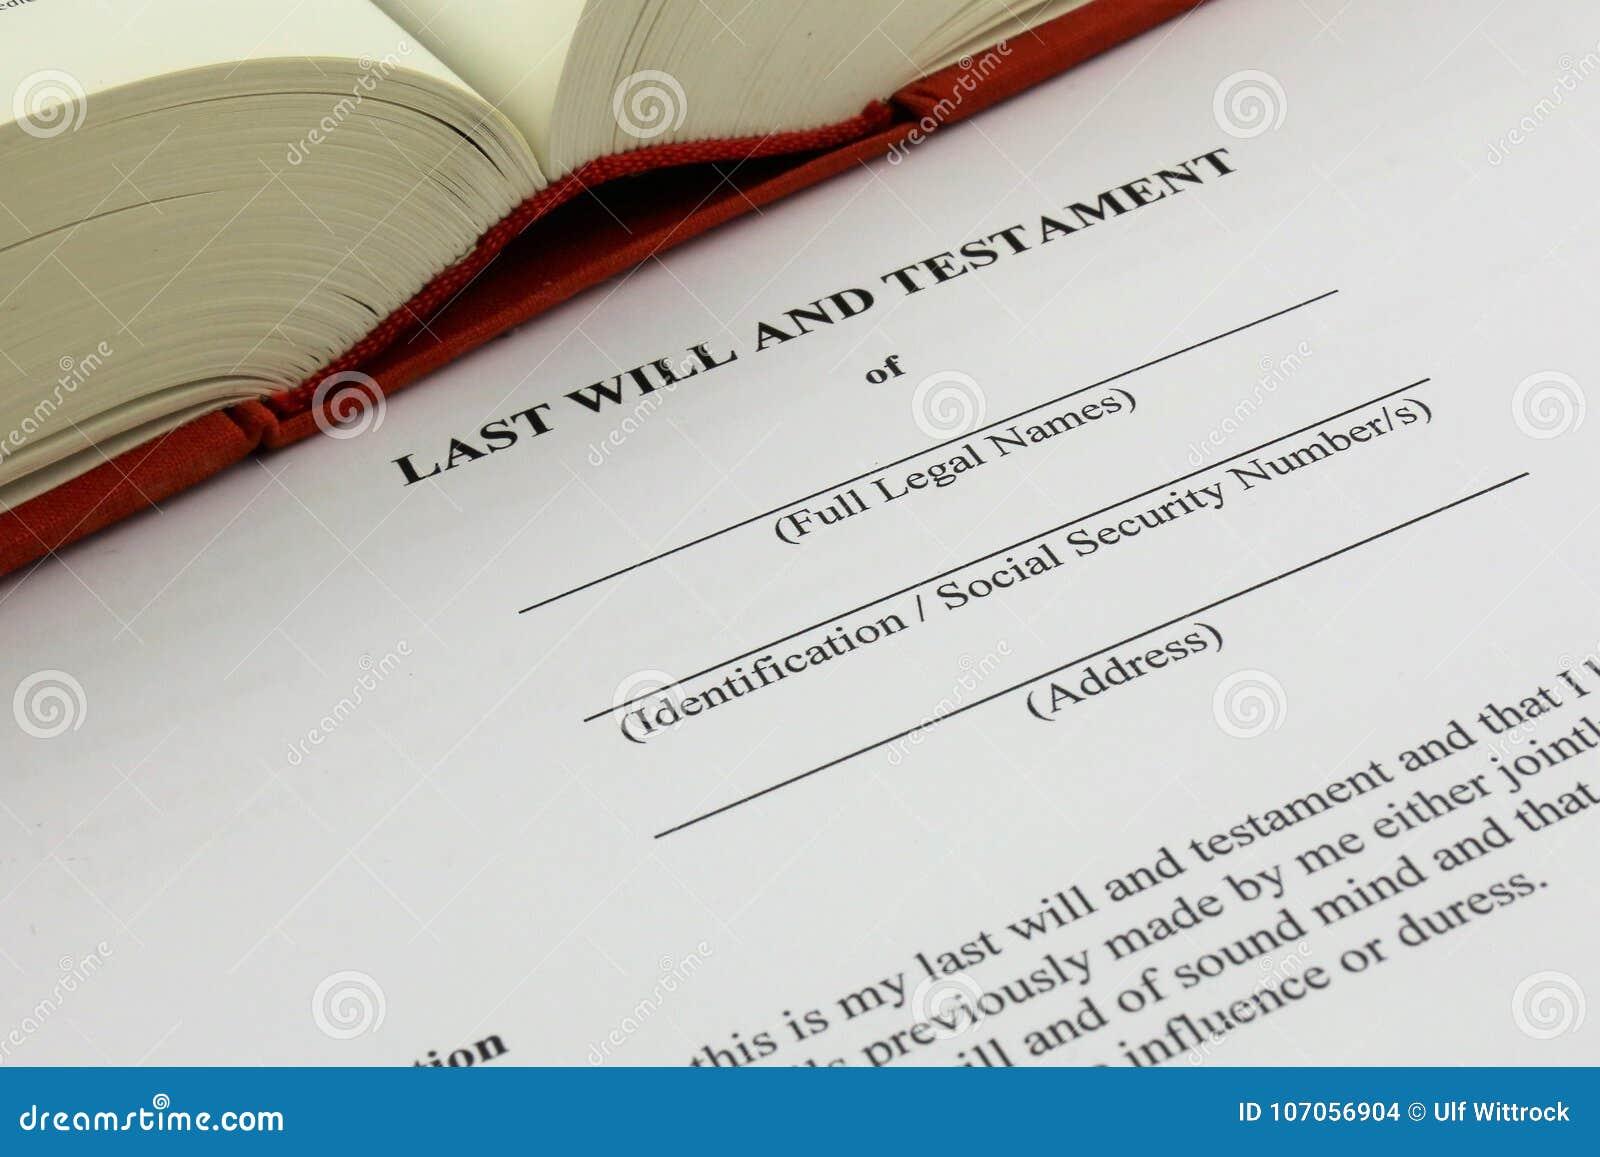 Una imagen del concepto de un último y testamento